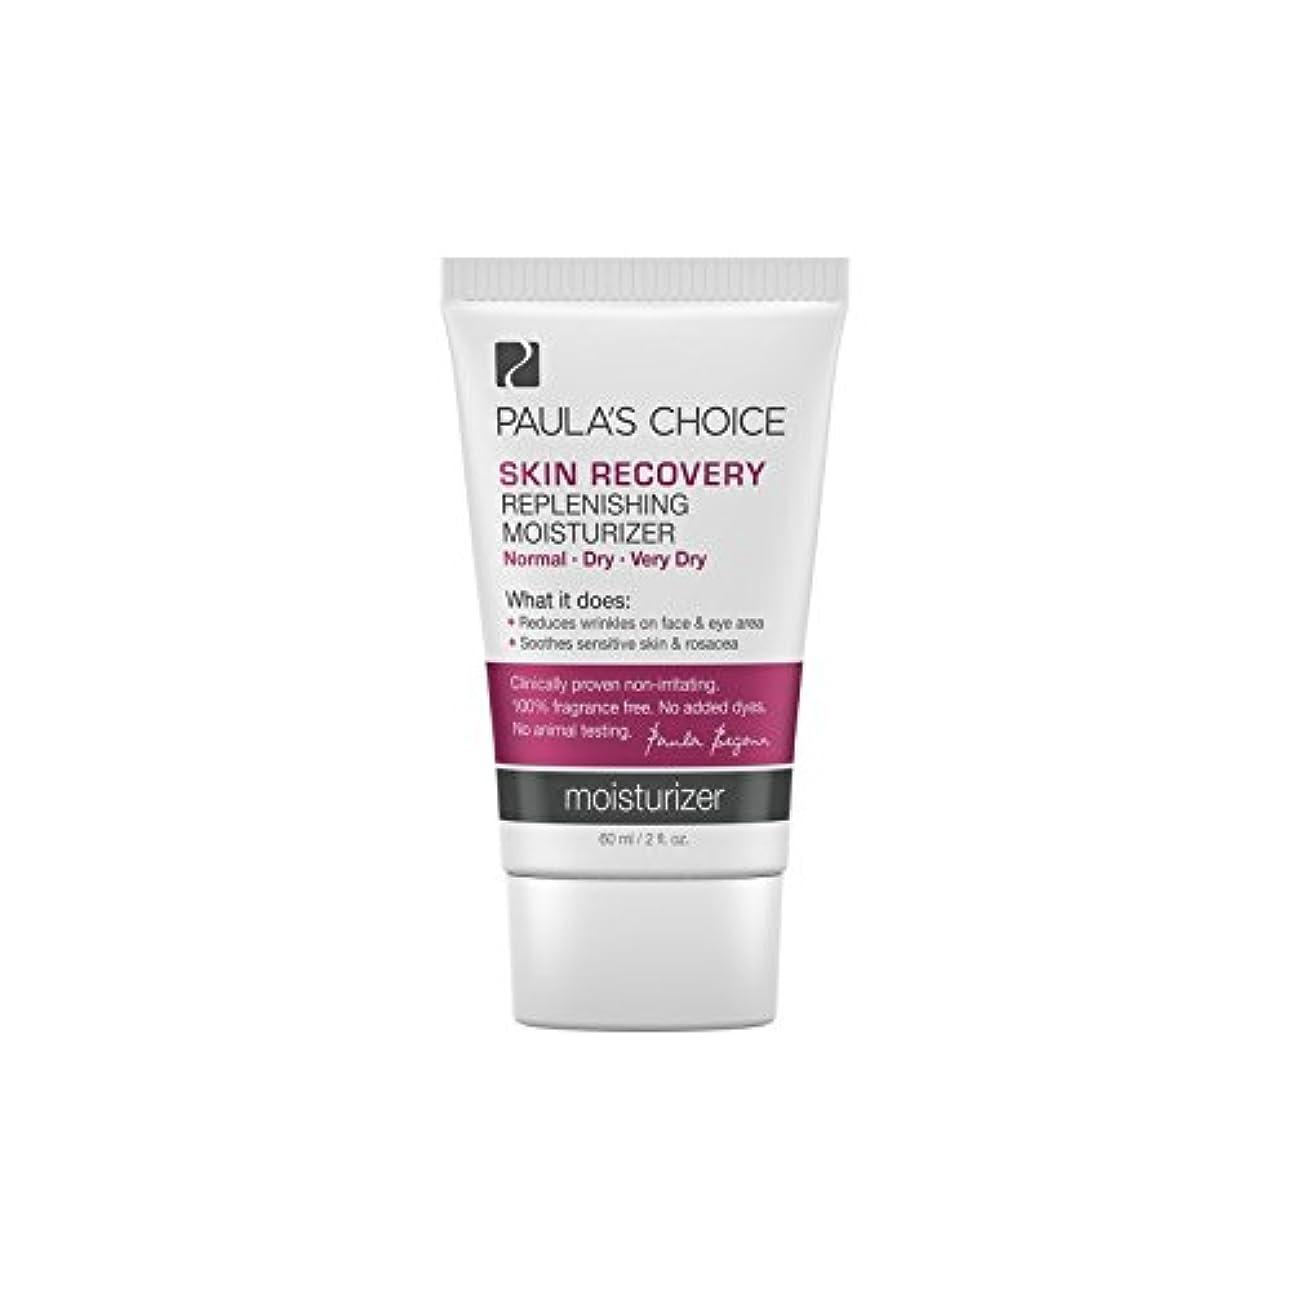 スロープロール思想Paula's Choice Skin Recovery Replenishing Moisturizer (60ml) (Pack of 6) - ポーラチョイスの肌の回復補充保湿(60ミリリットル) x6 [並行輸入品]